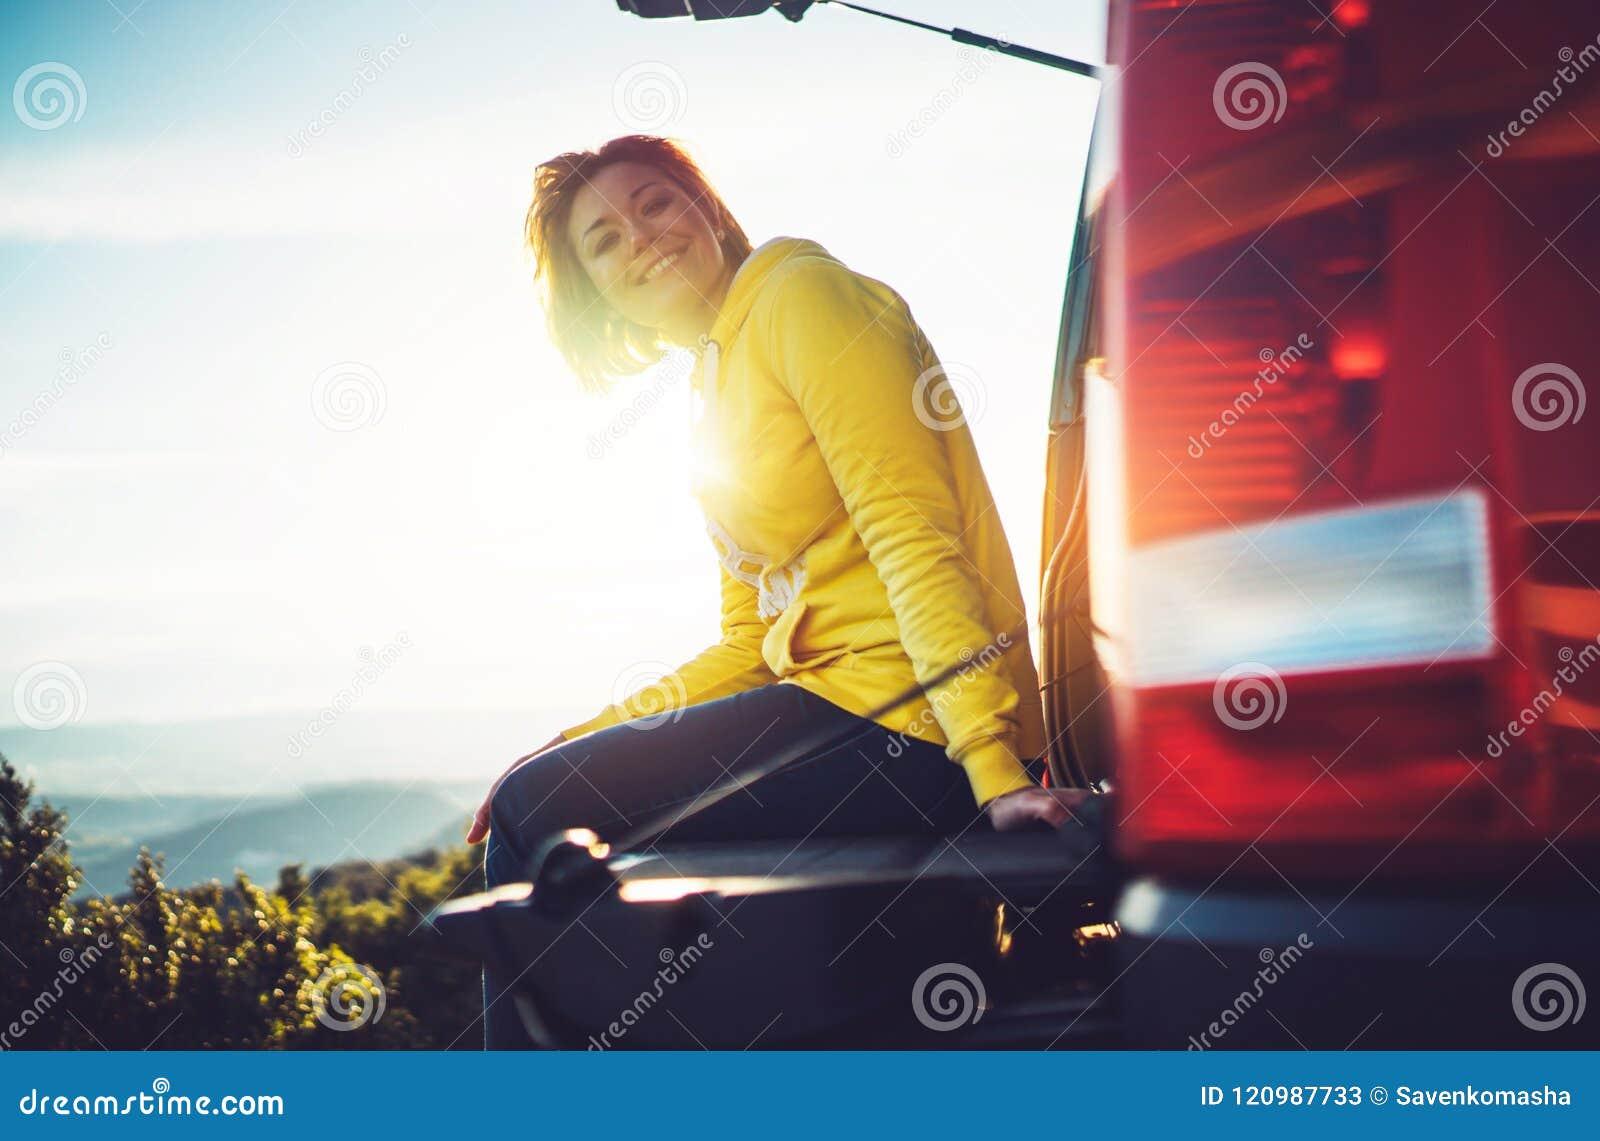 El viajero turístico que viaja en coche en el top del verde en la montaña, chica joven sonríe feliz contra puesta del sol del fon